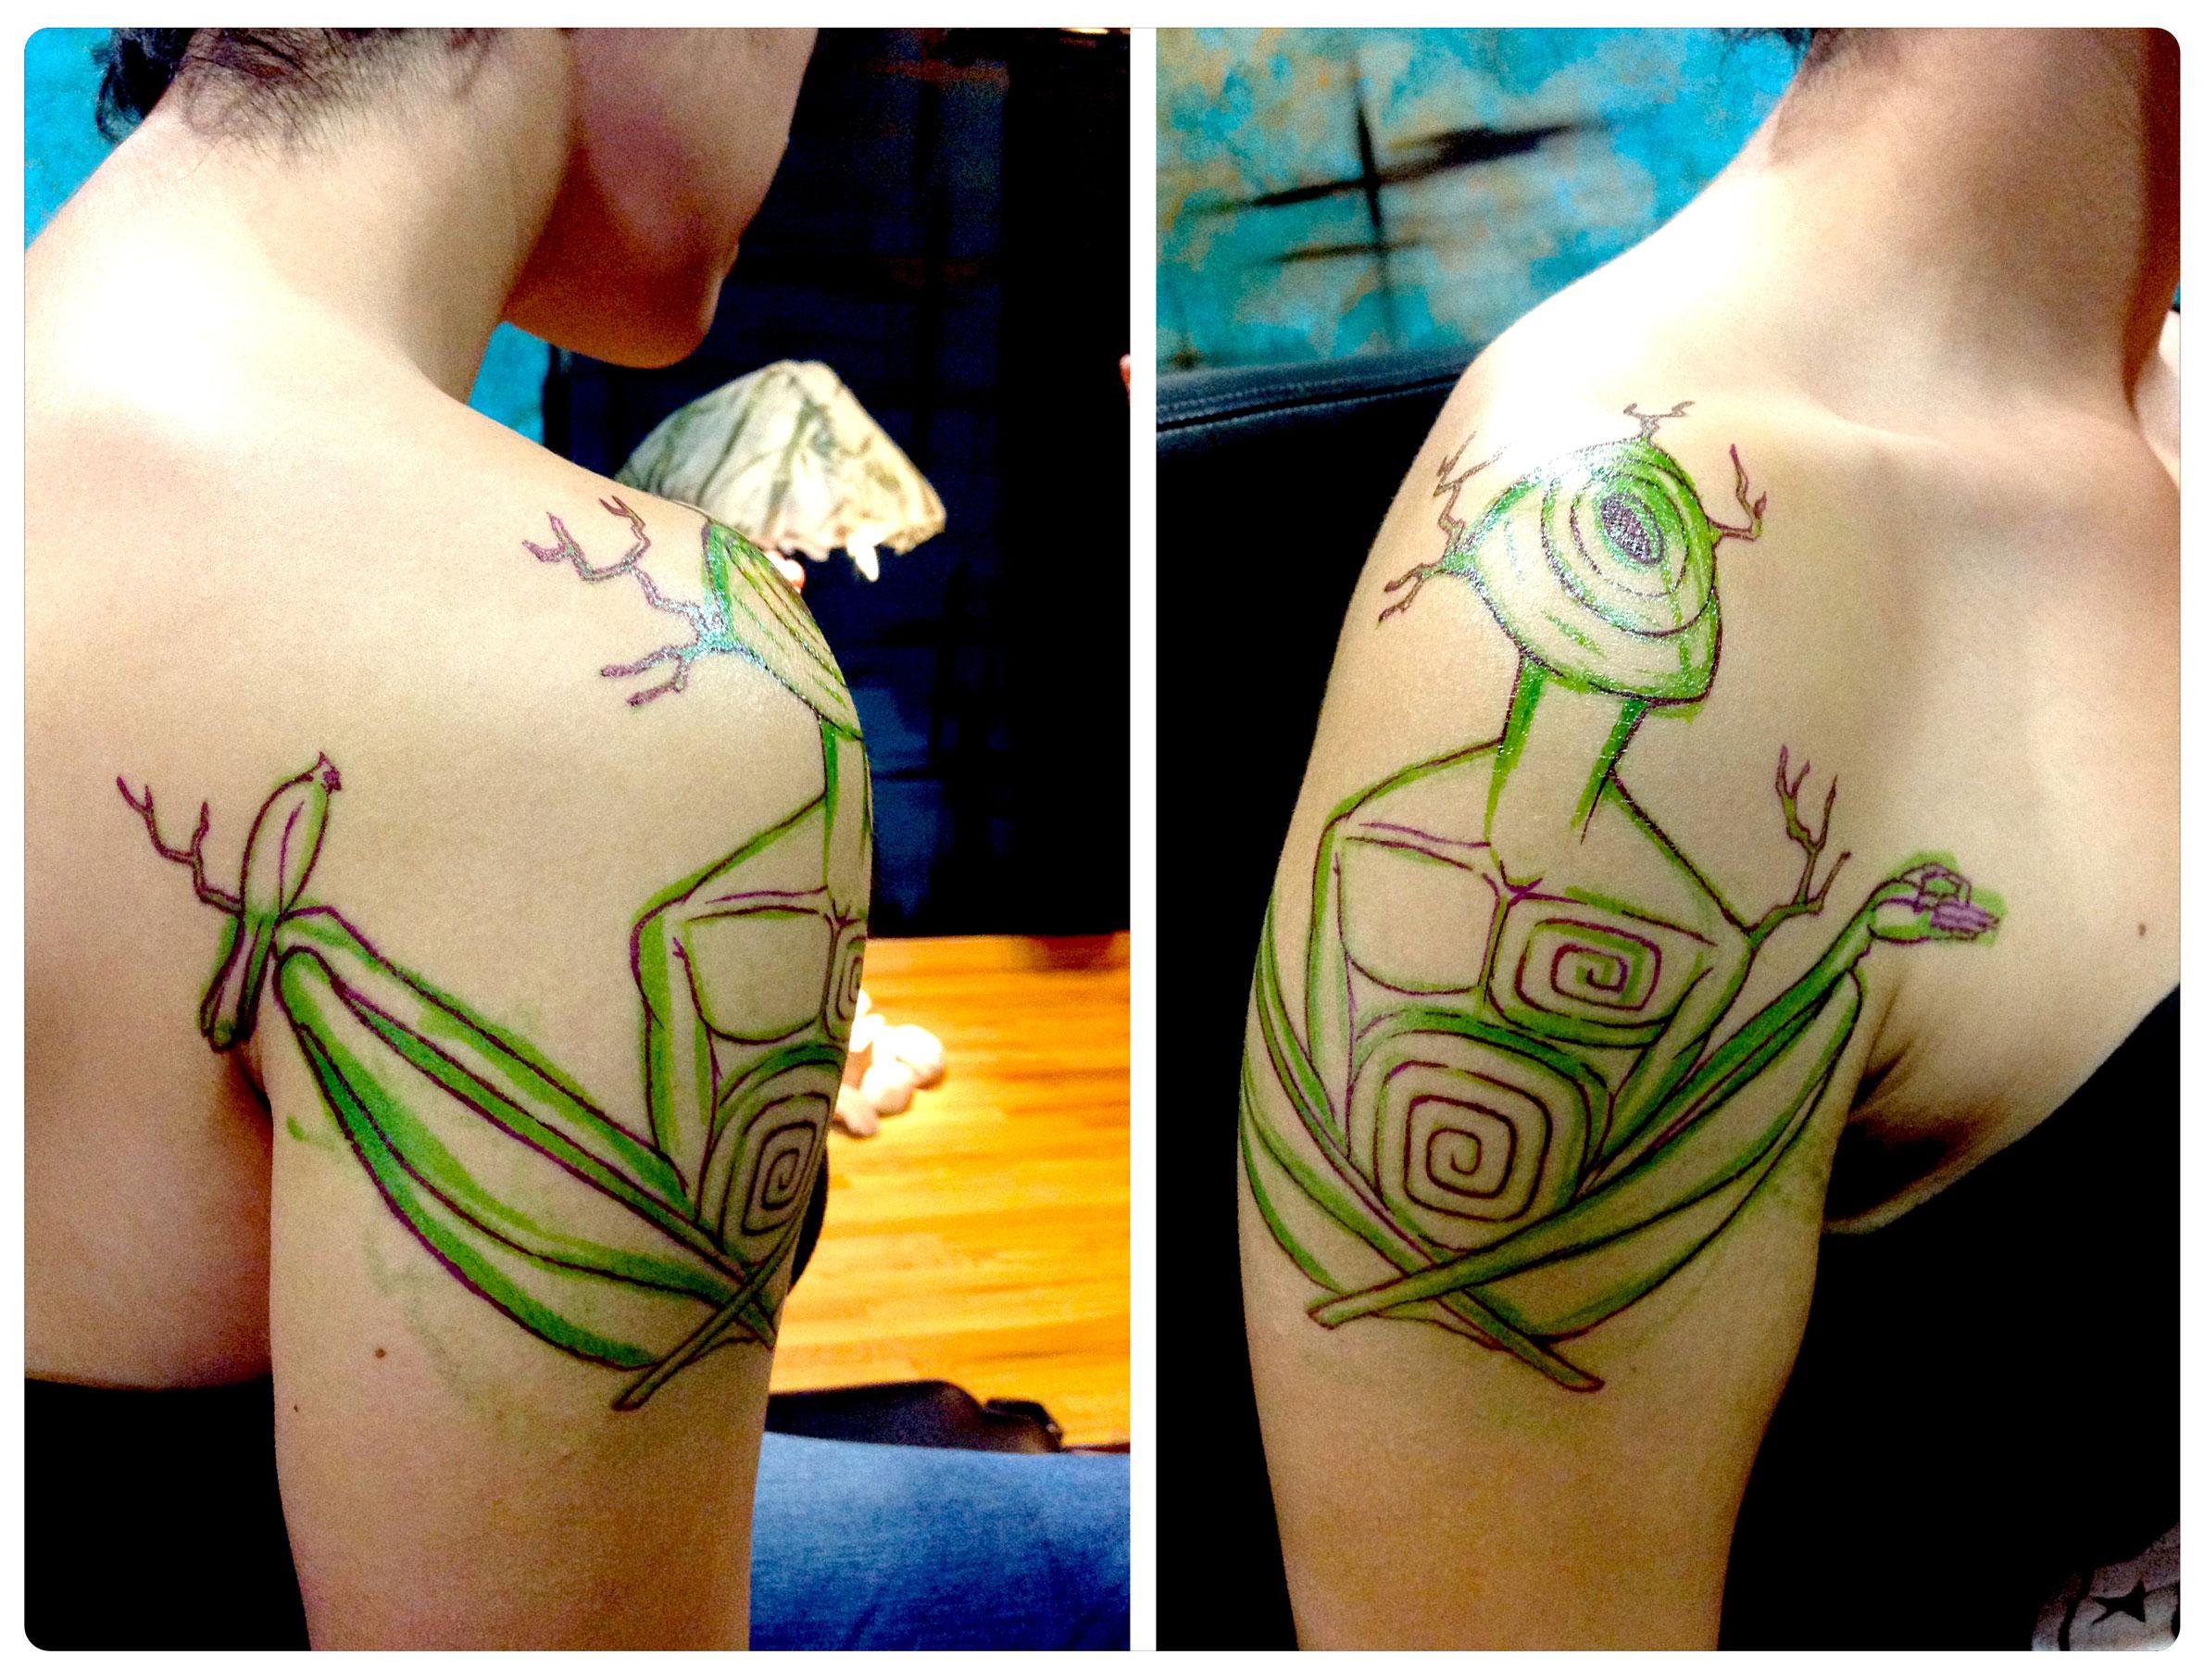 low-blog-dual_2013_tattoo_arm_slattumforest-2.jpg